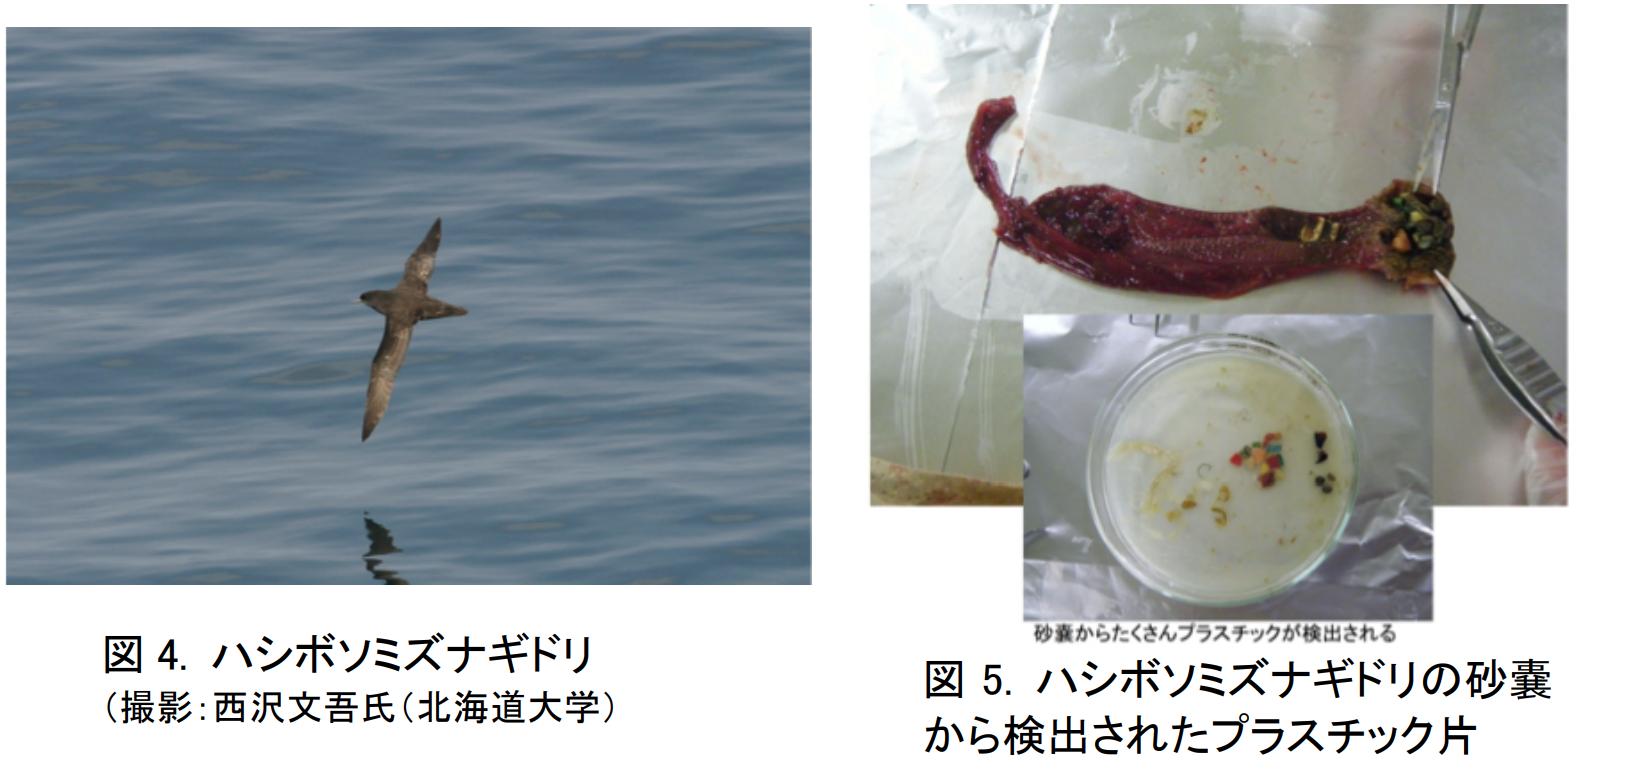 海鳥から見つかるマイクロプラスチック